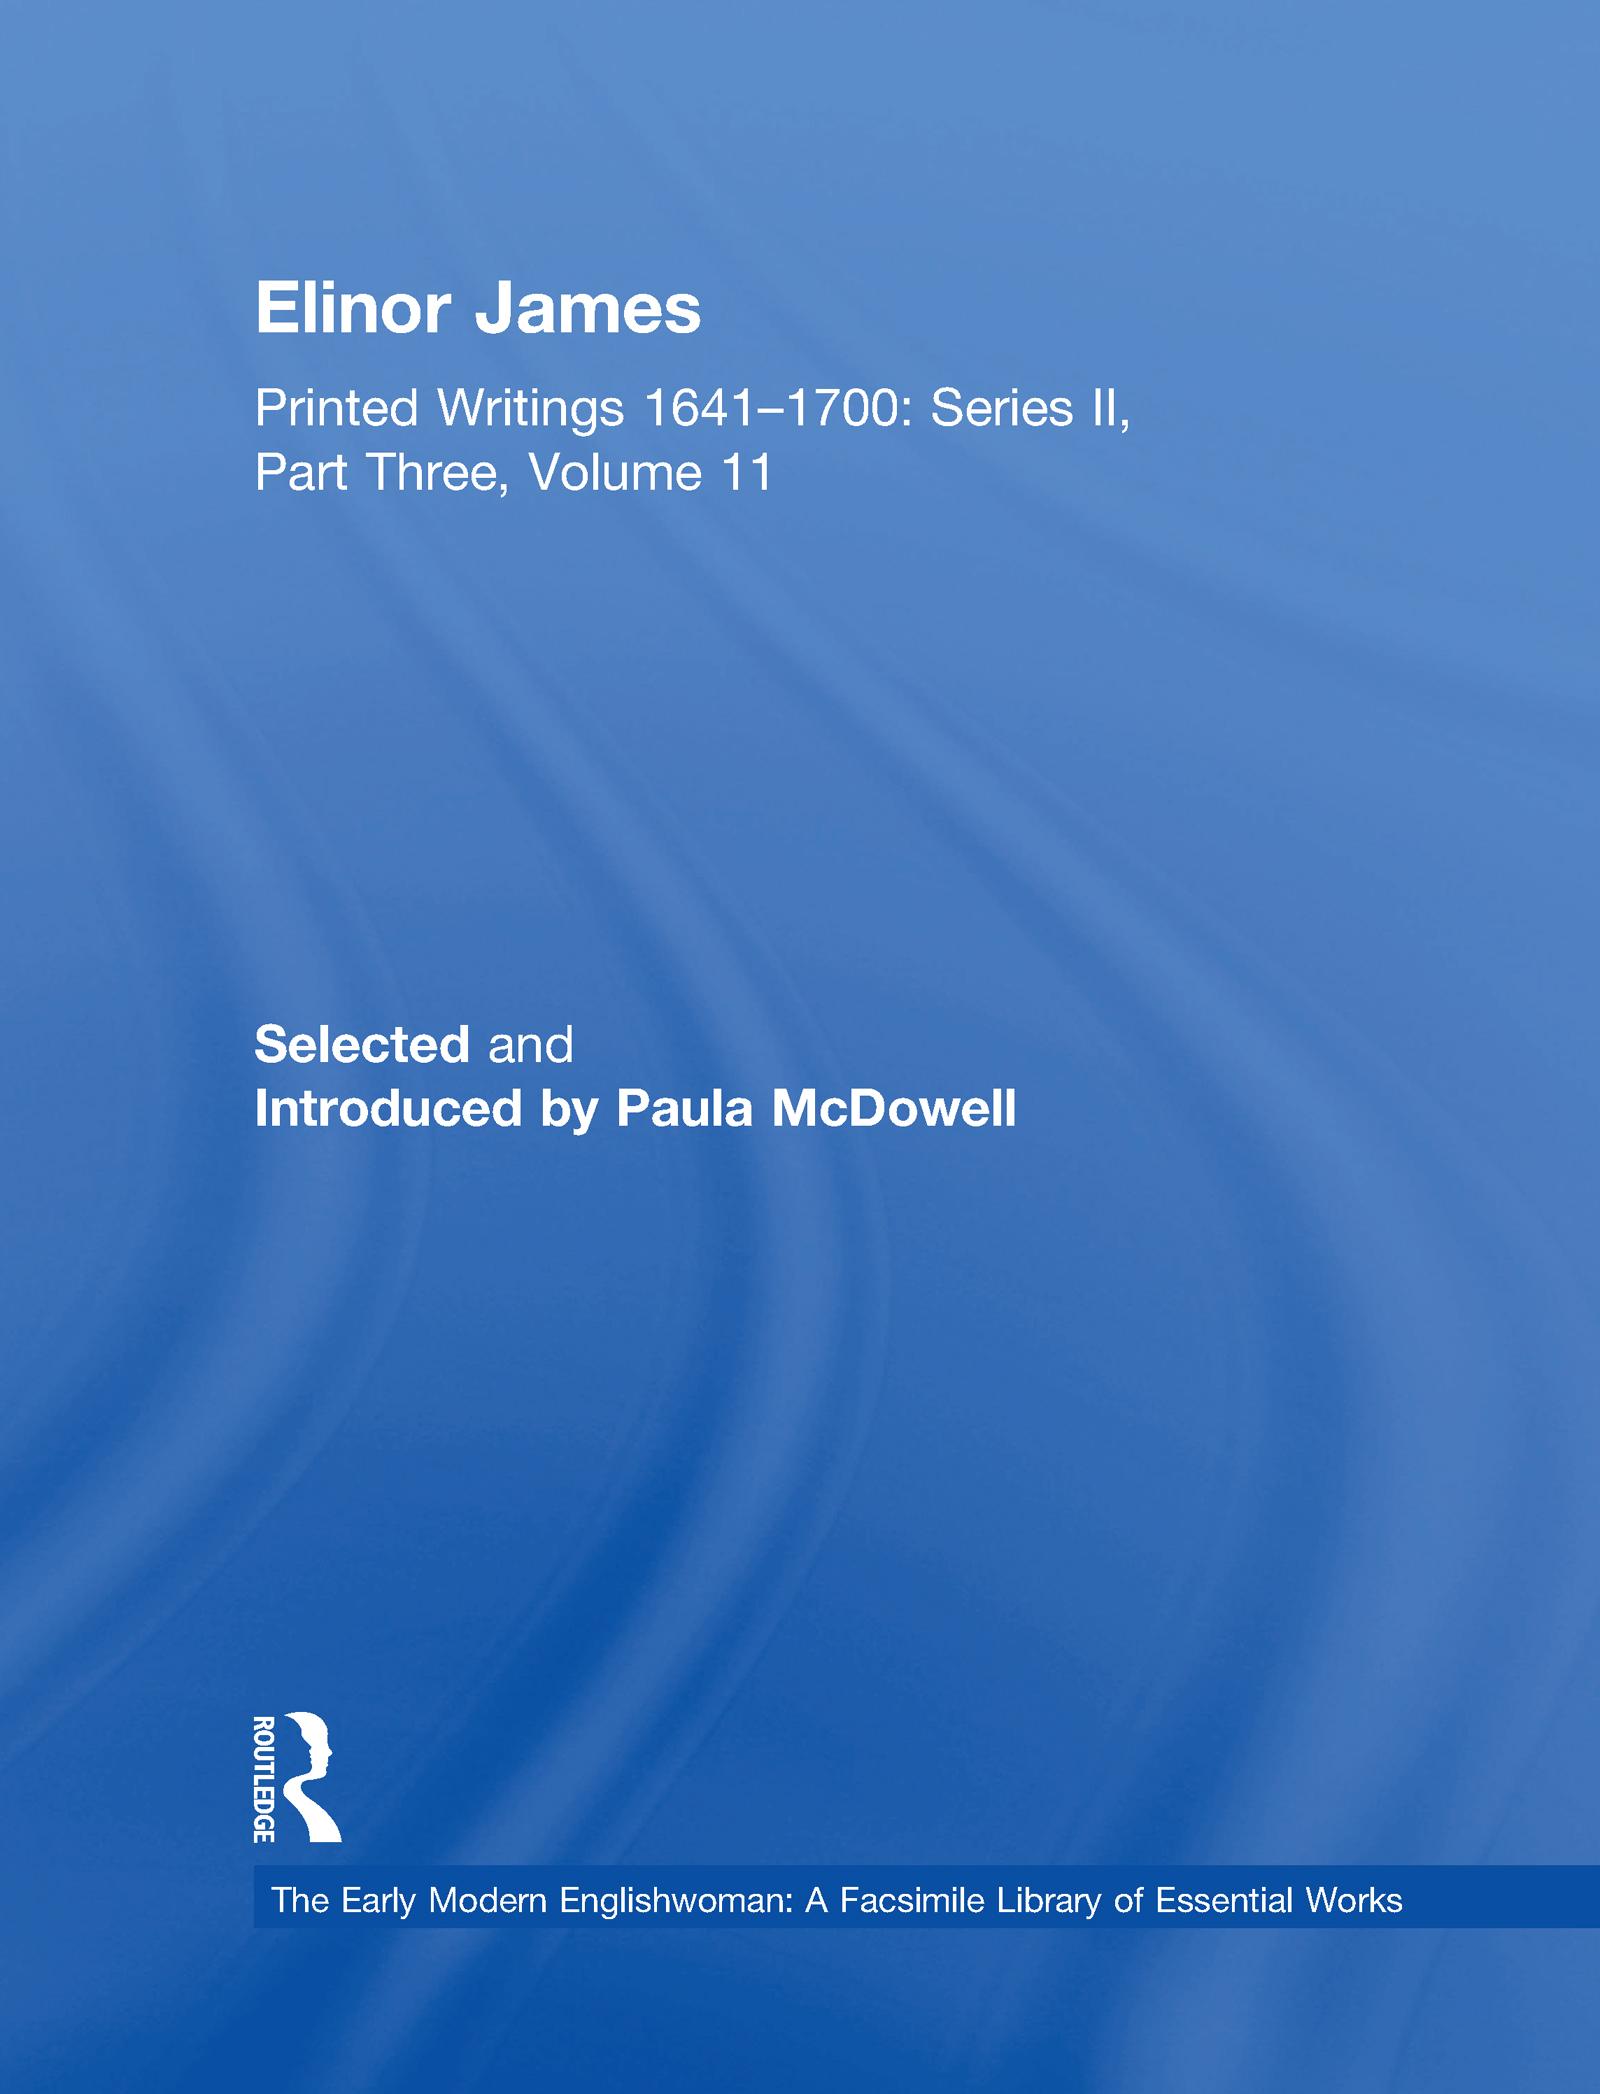 Elinor James: Printed Writings 1641–1700: Series II, Part Three, Volume 11 book cover